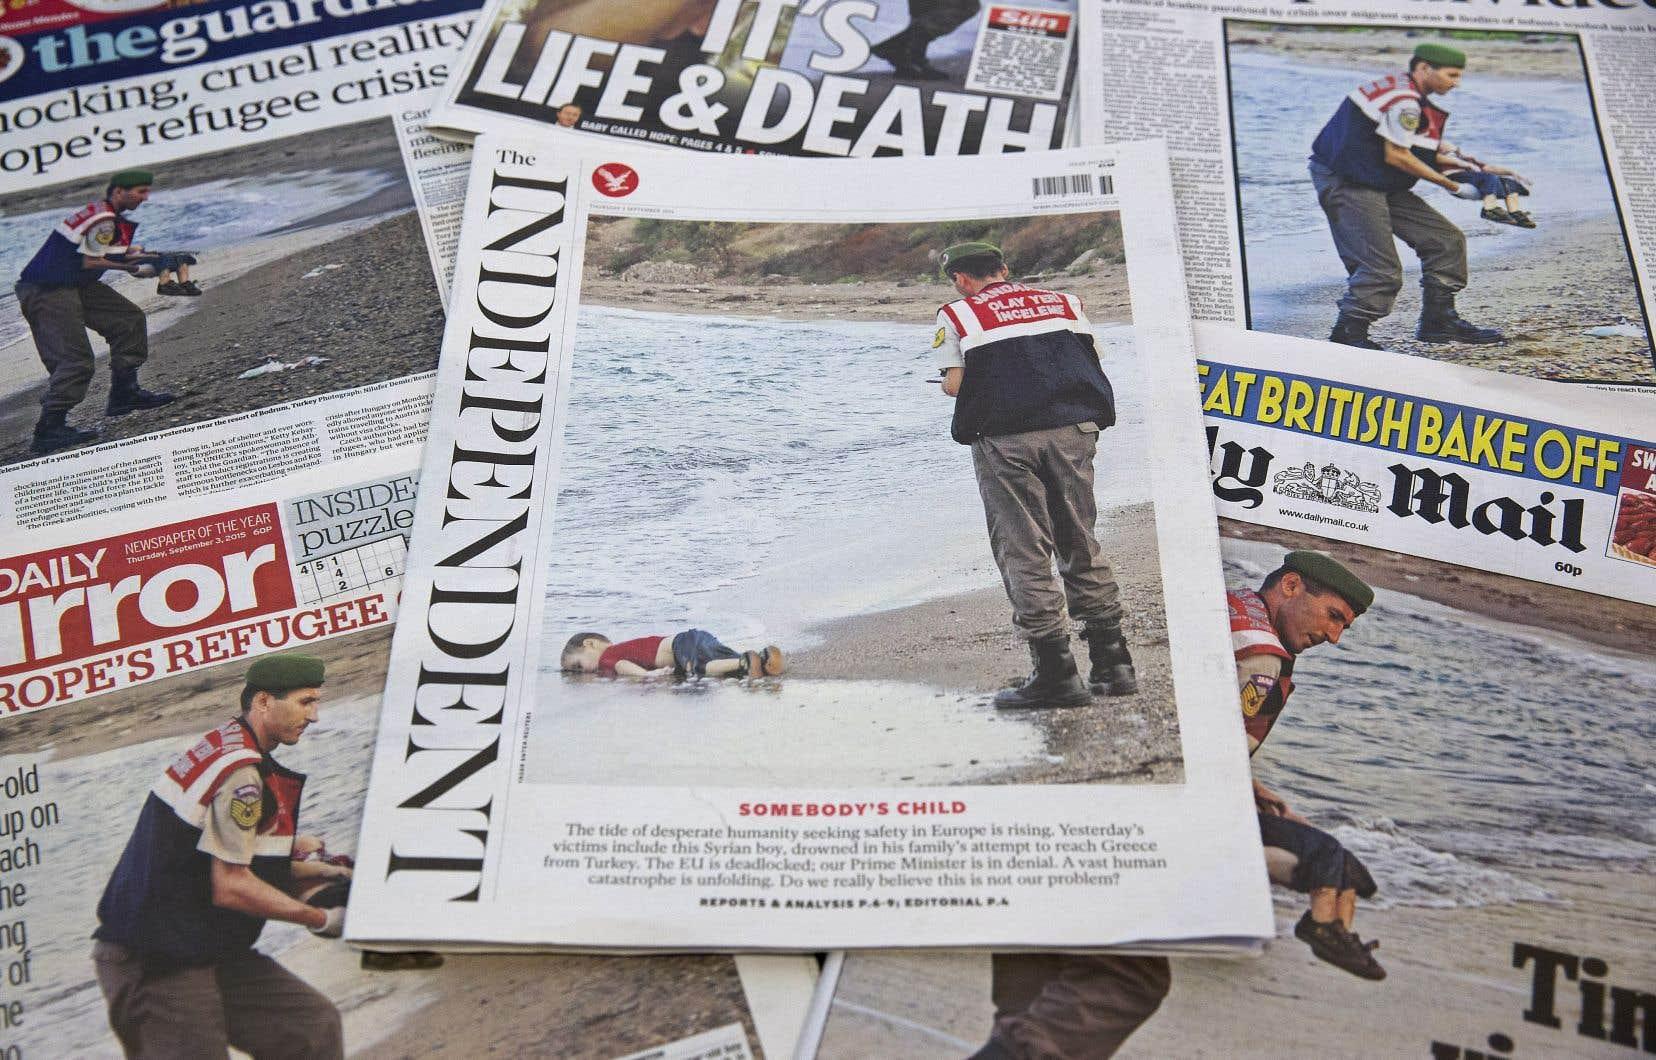 Le 2 septembre 2015, le corps du petit Alan Kurdi fut découvert, échoué sur une plage de Turquie.